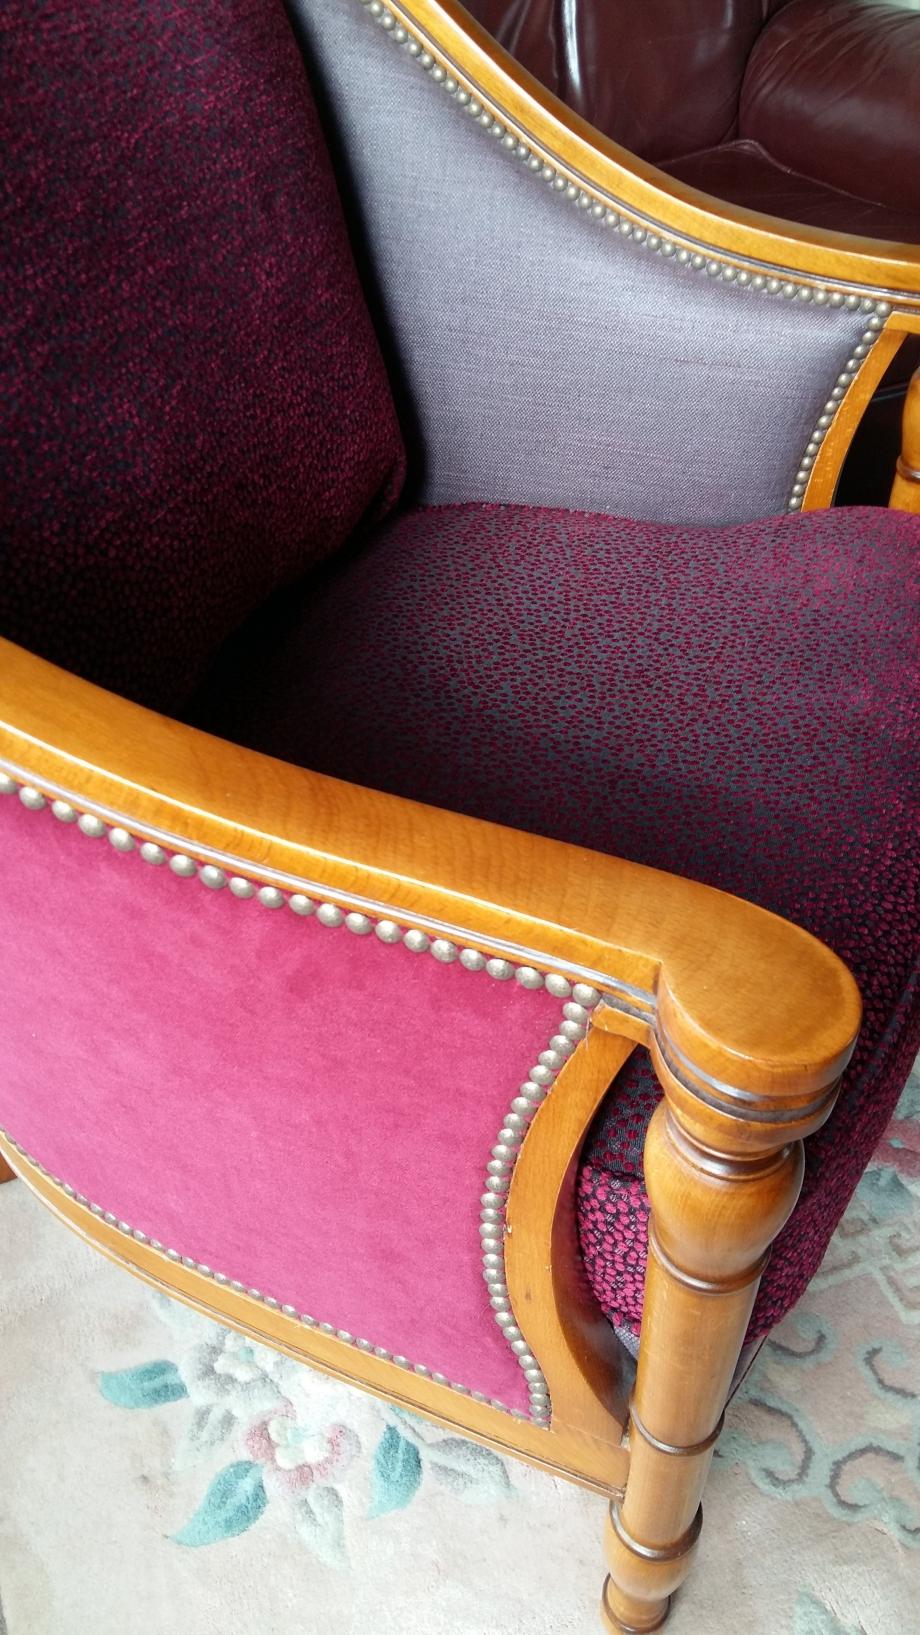 fauteuil 080.jpg